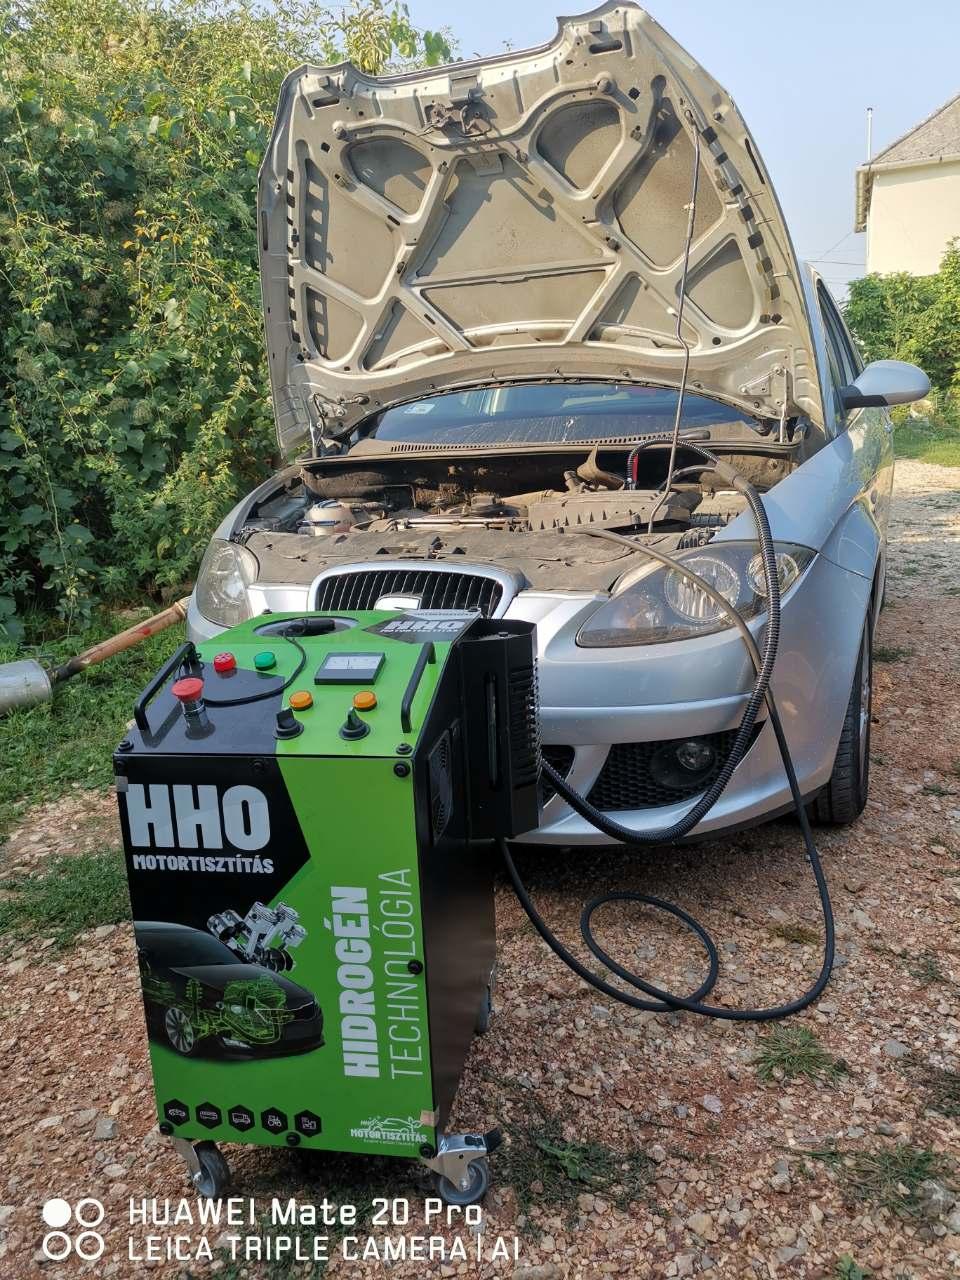 HHO Motortisztítás Seat Altea 2.0 PDTdi 140 Le